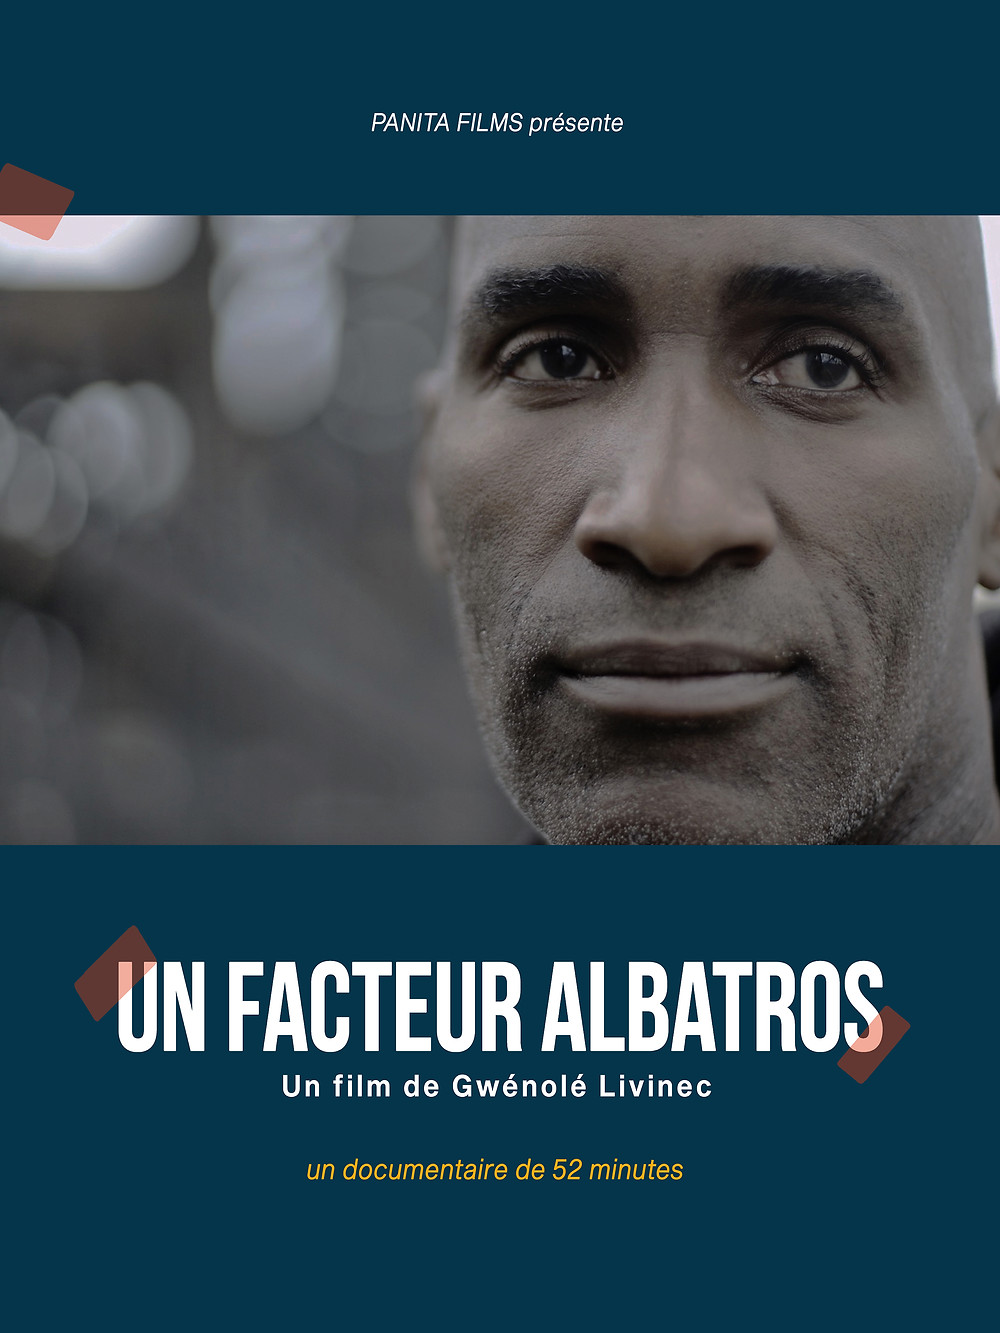 Un facteur albatros réalisé par Gwénolé Livinec